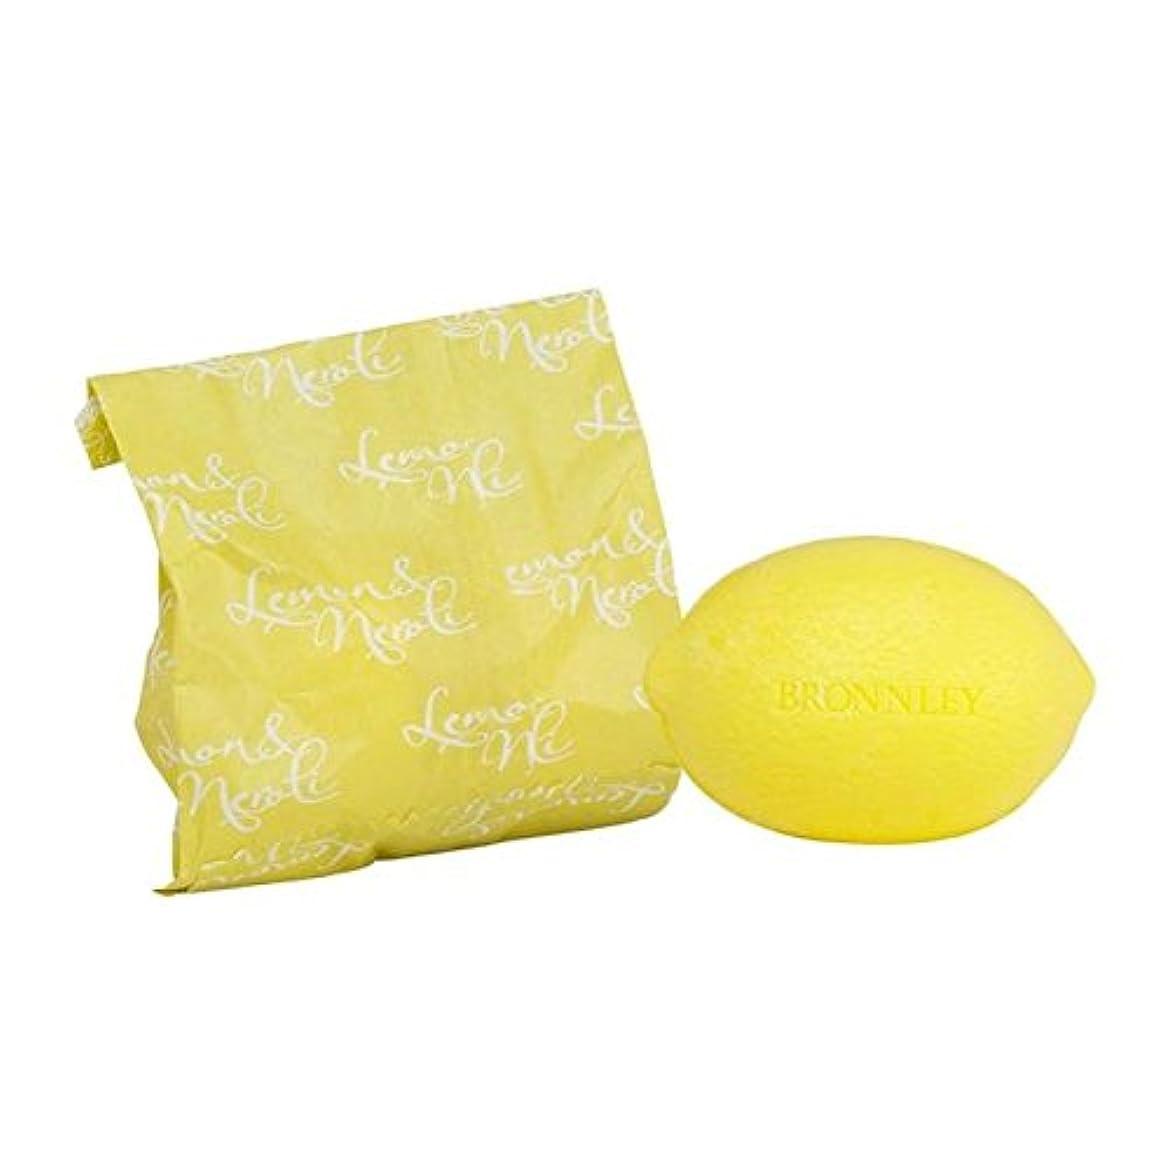 胆嚢突然謎レモン&ネロリ石鹸100グラム x2 - Bronnley Lemon & Neroli Soap 100g (Pack of 2) [並行輸入品]